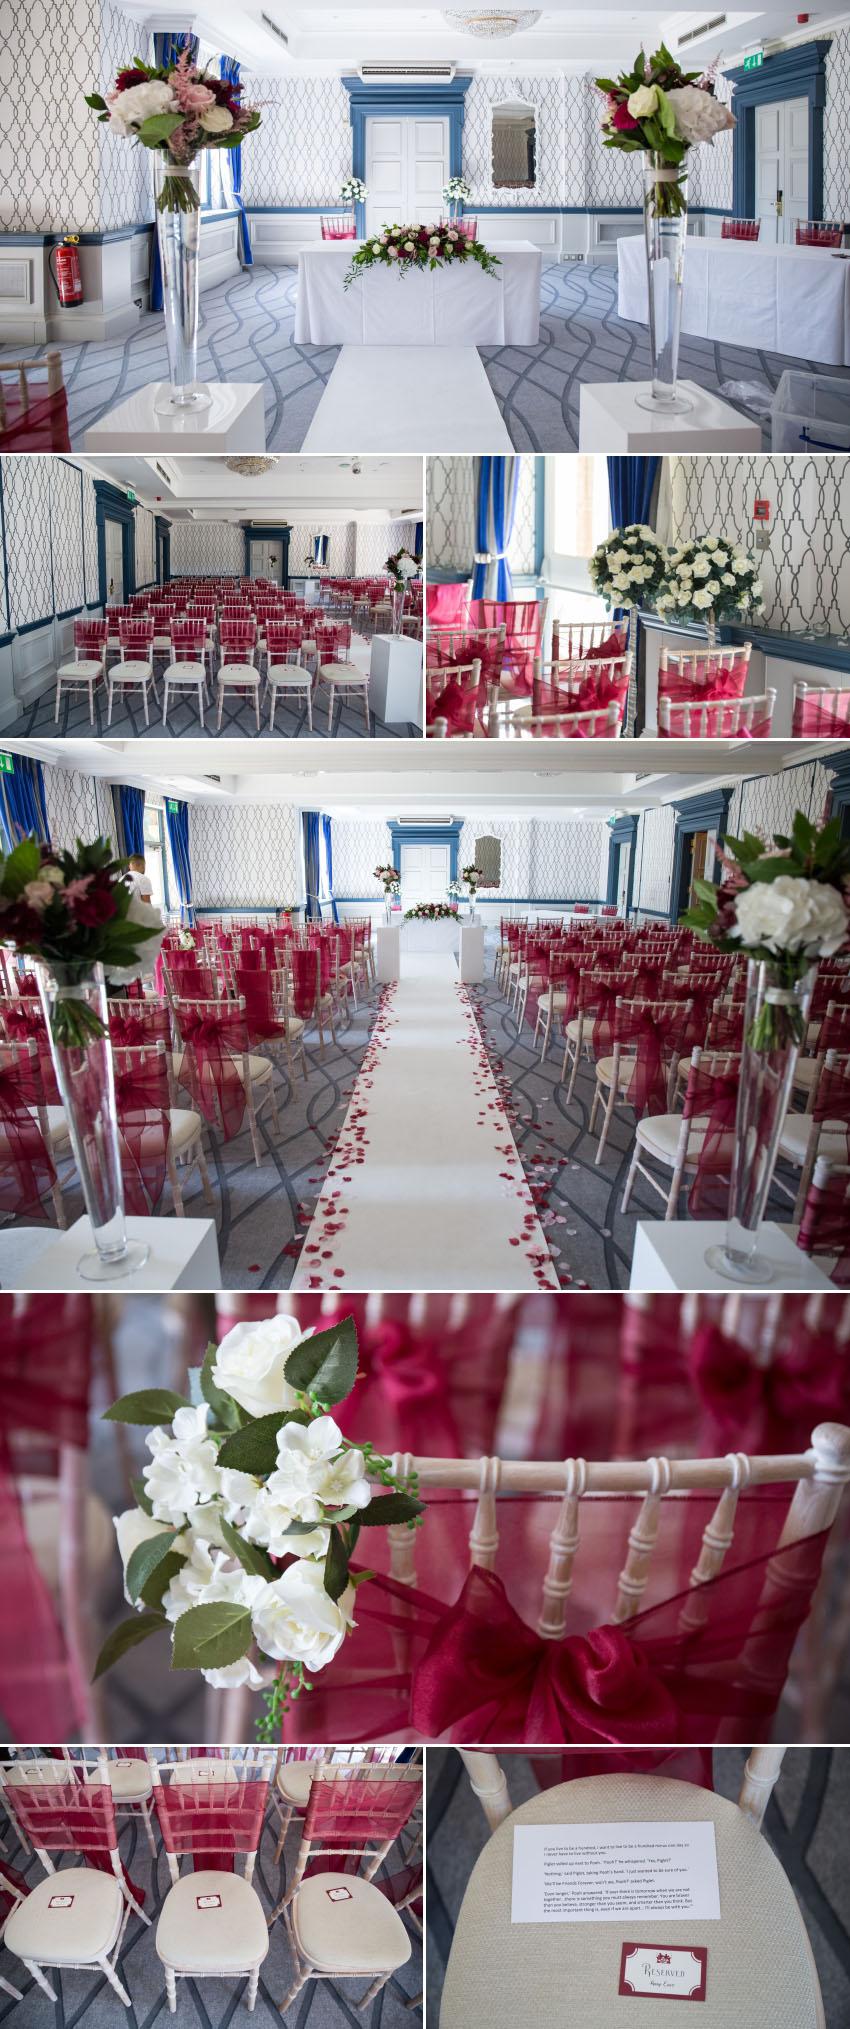 07_Pendley Manor wedding photography